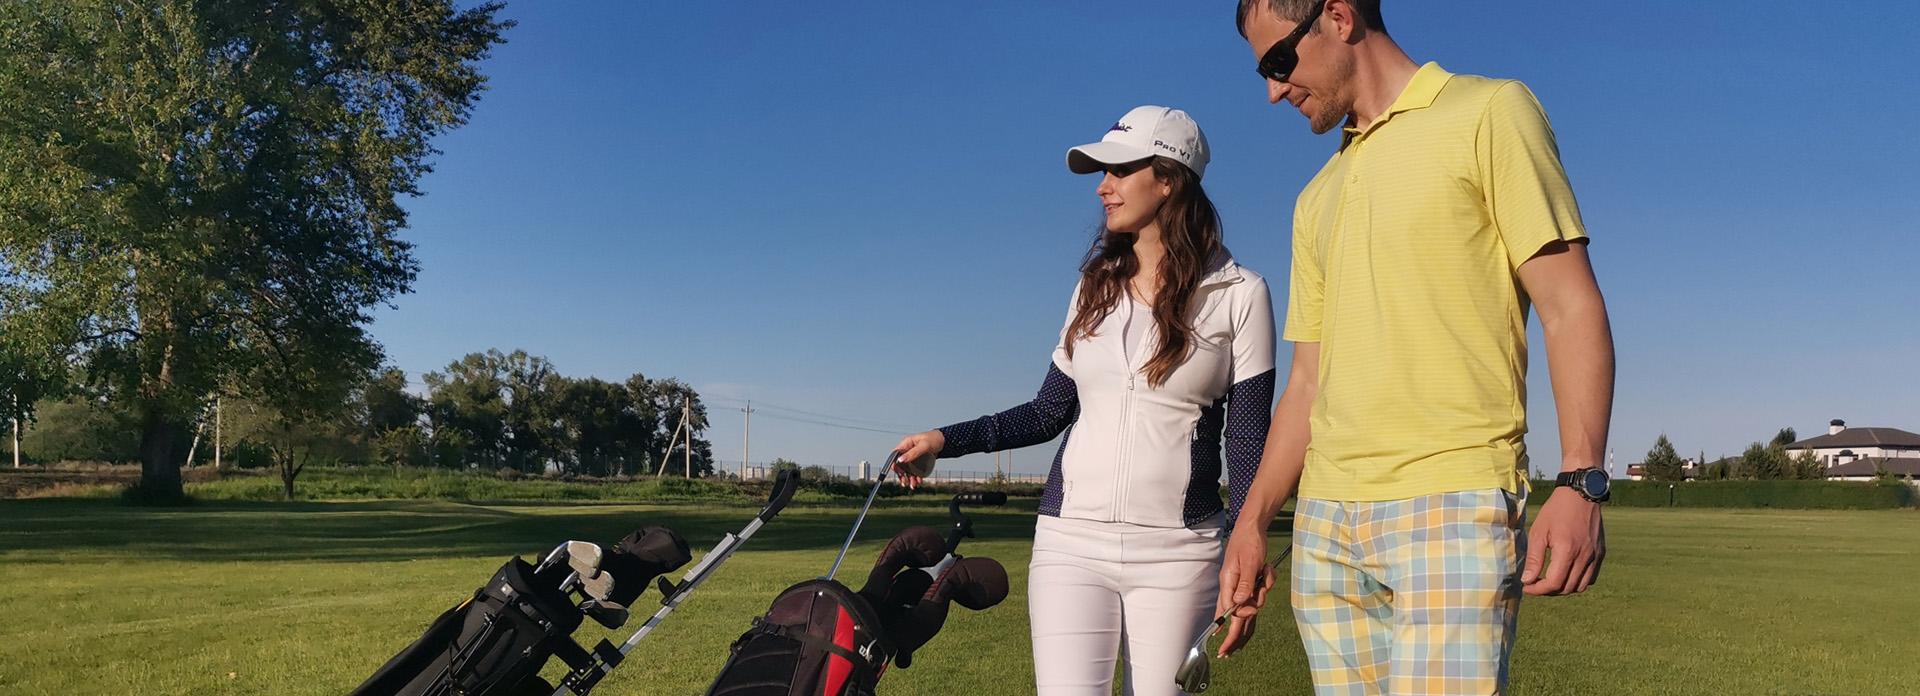 Тренировки в гольф-клубе